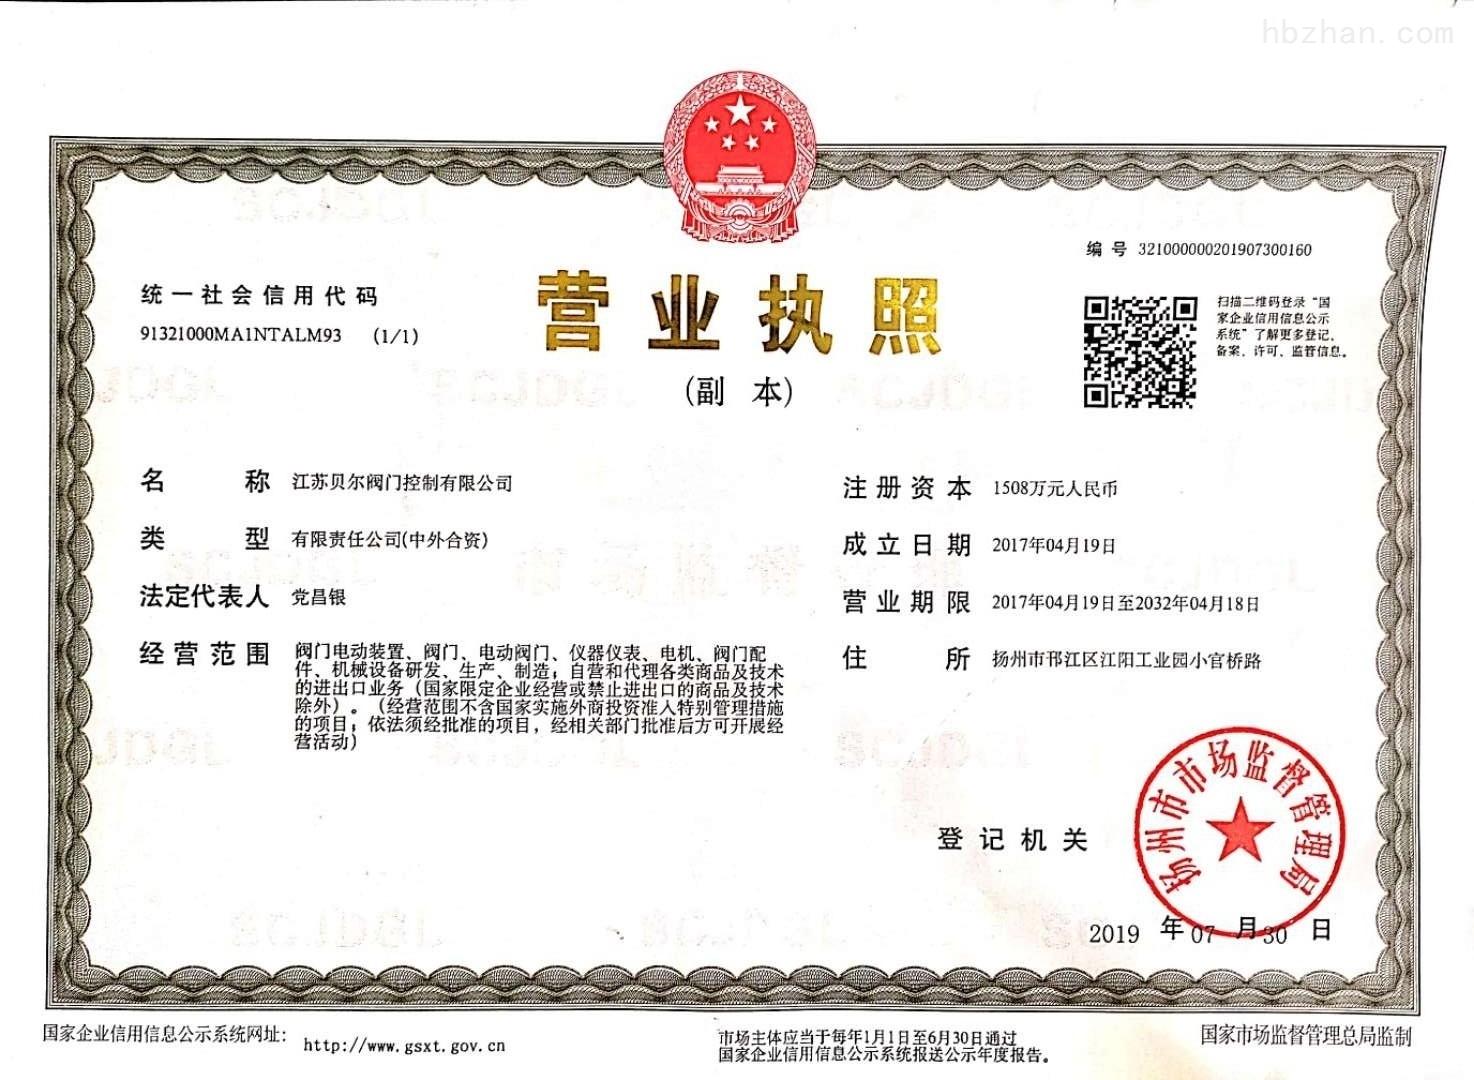 江苏贝尔营业执照